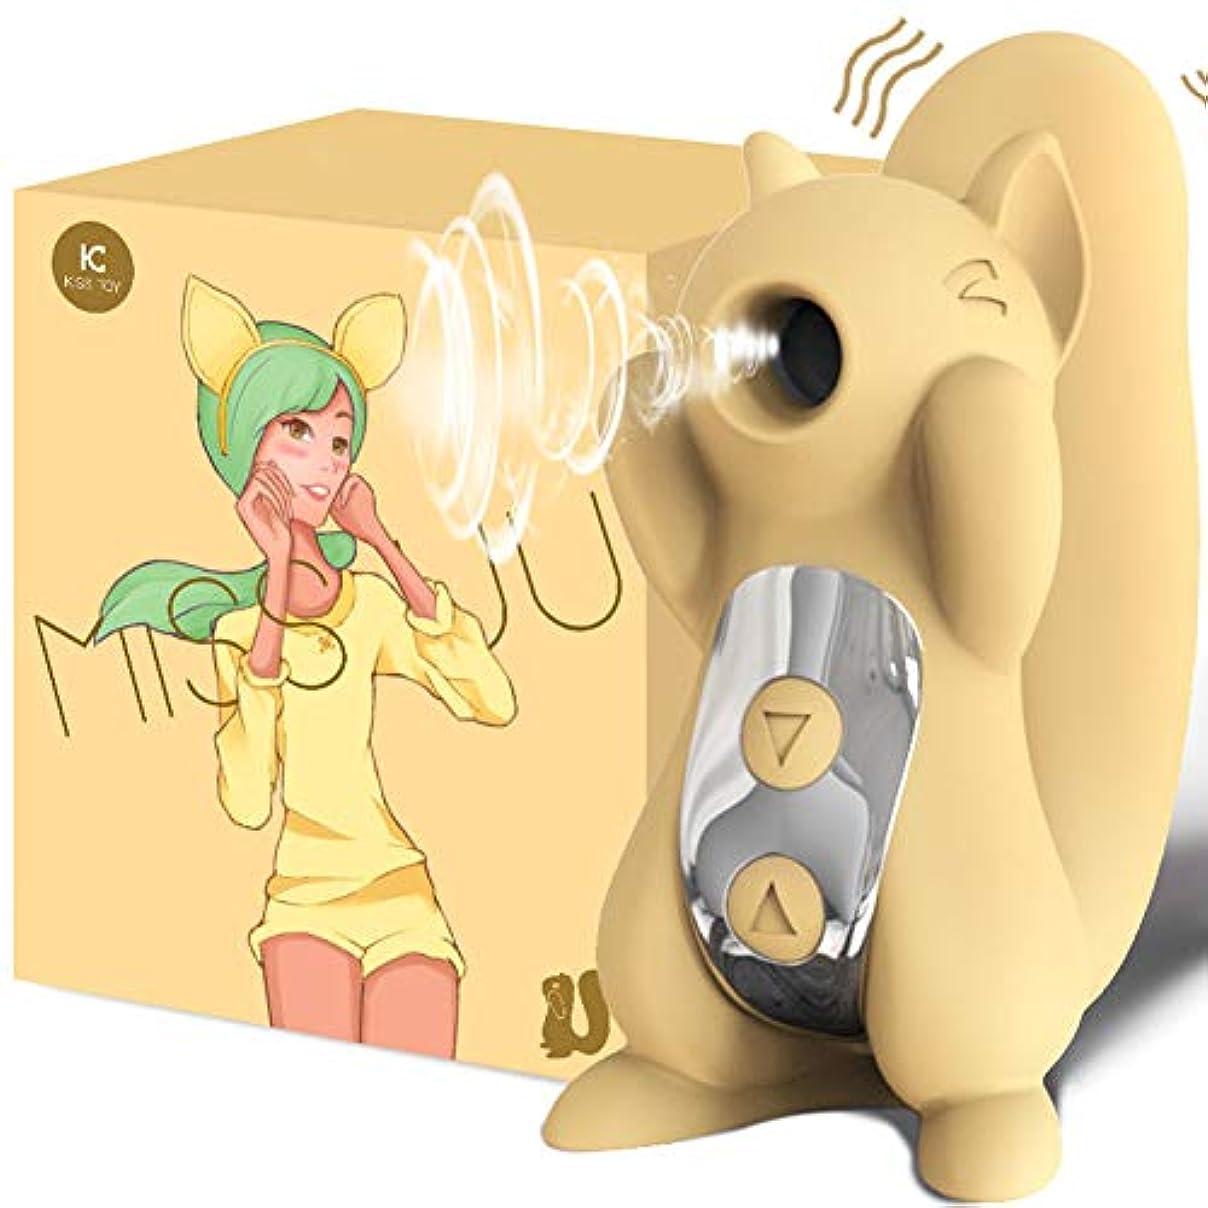 国家スリップドロップRabugoo 大人のおもちゃ 漫画形状膣吸引バイブレーターオーラルセックス吸引クリトリス刺激女性エロティックおもちゃ 黄